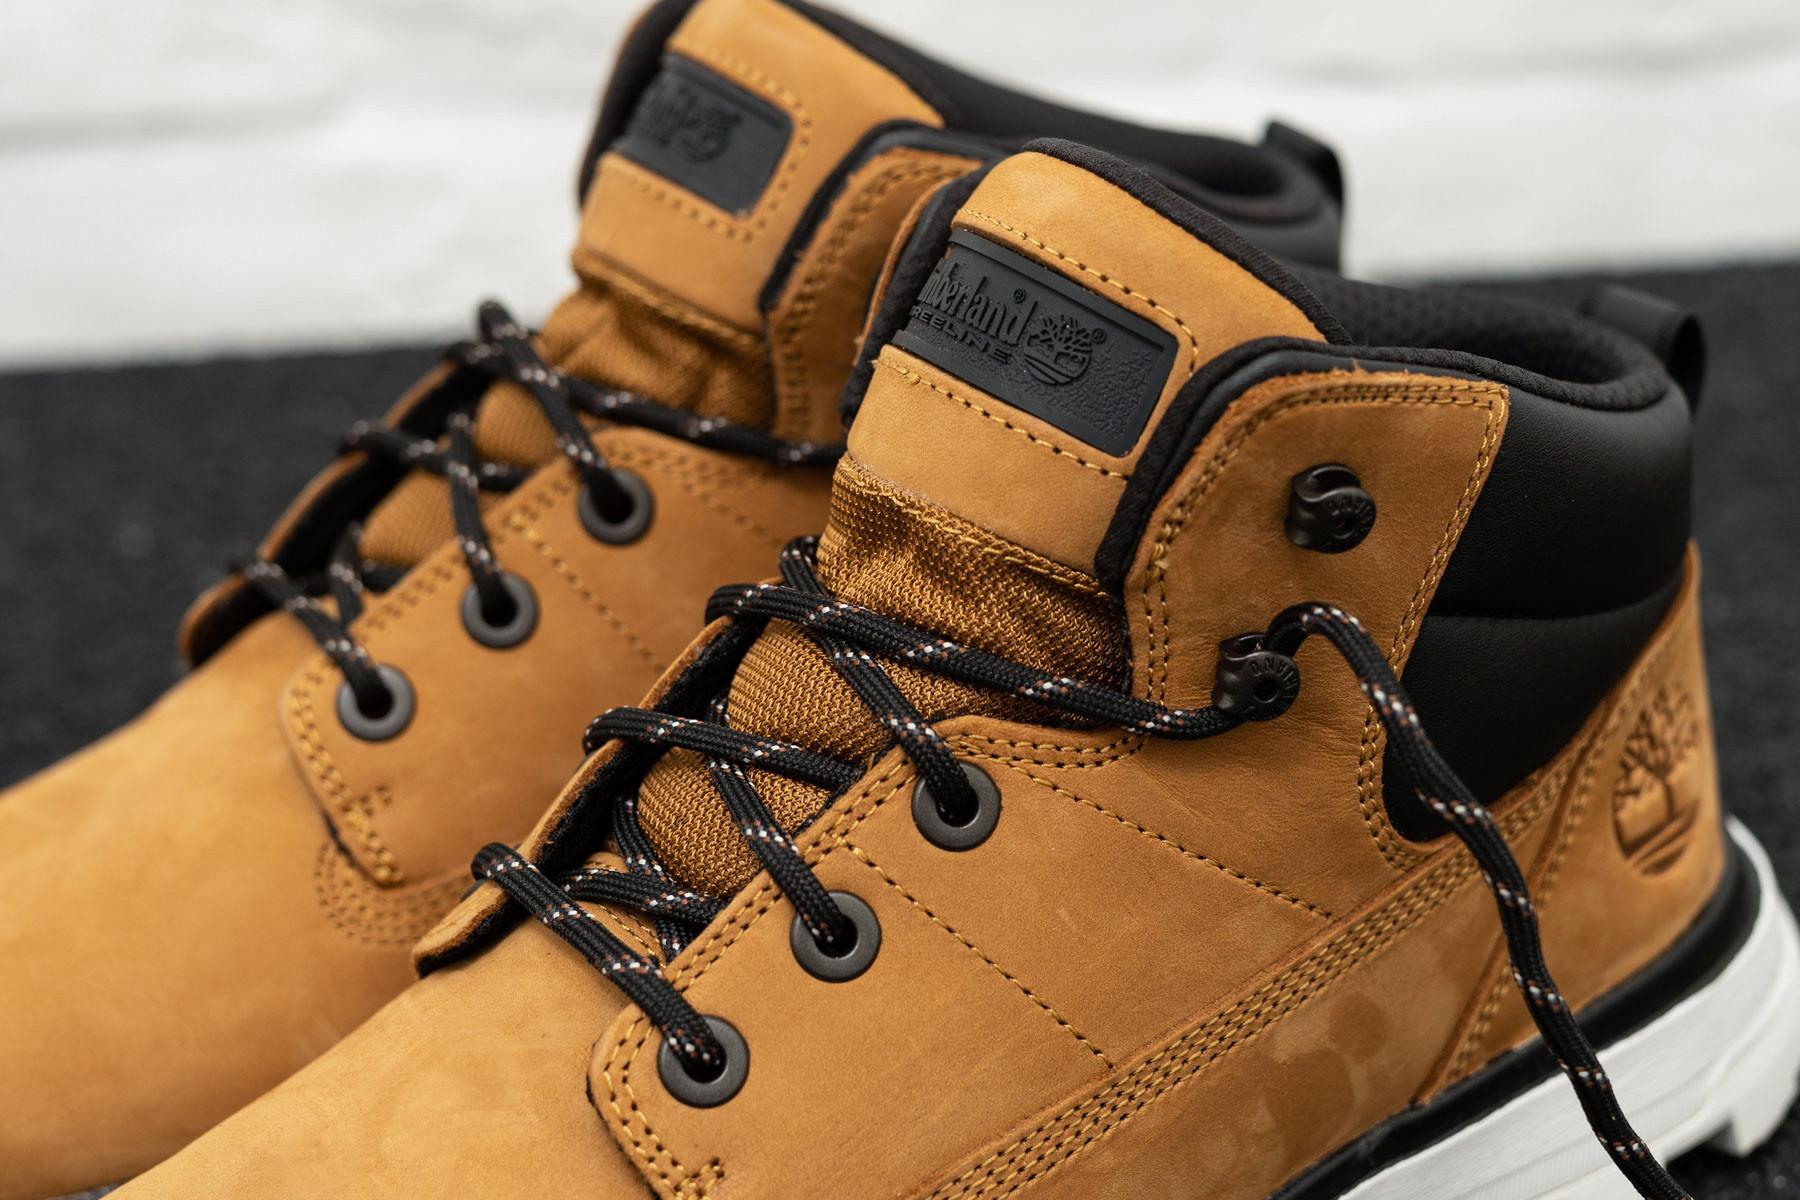 Literatura pasaporte Fragante  Timberland Treeline Chukka | Favoritter fra Timberland finner du hos SKILLS  - Sneaker.no - Sneaker.no